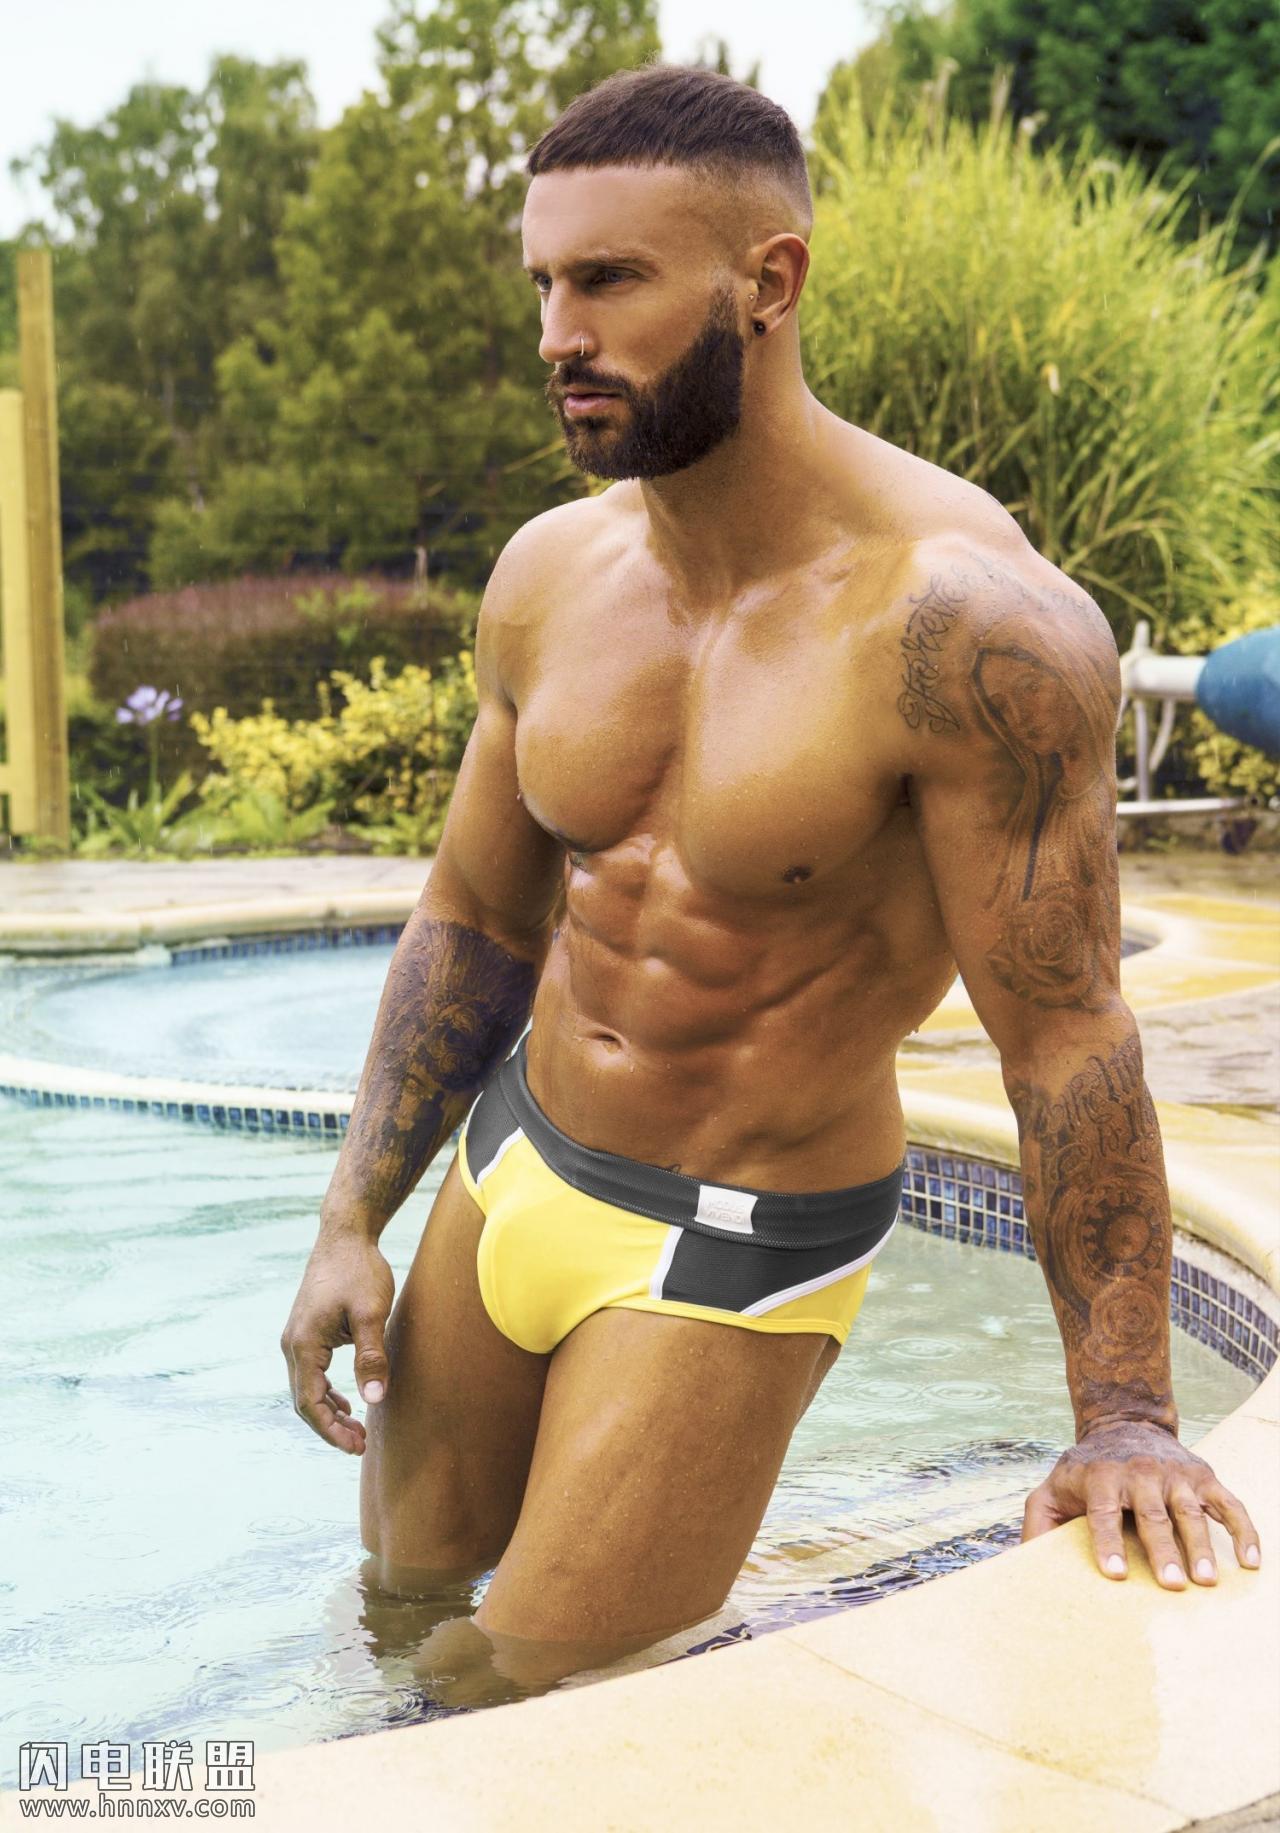 欧美性感大鸟肌肉帅哥泳池写真照片